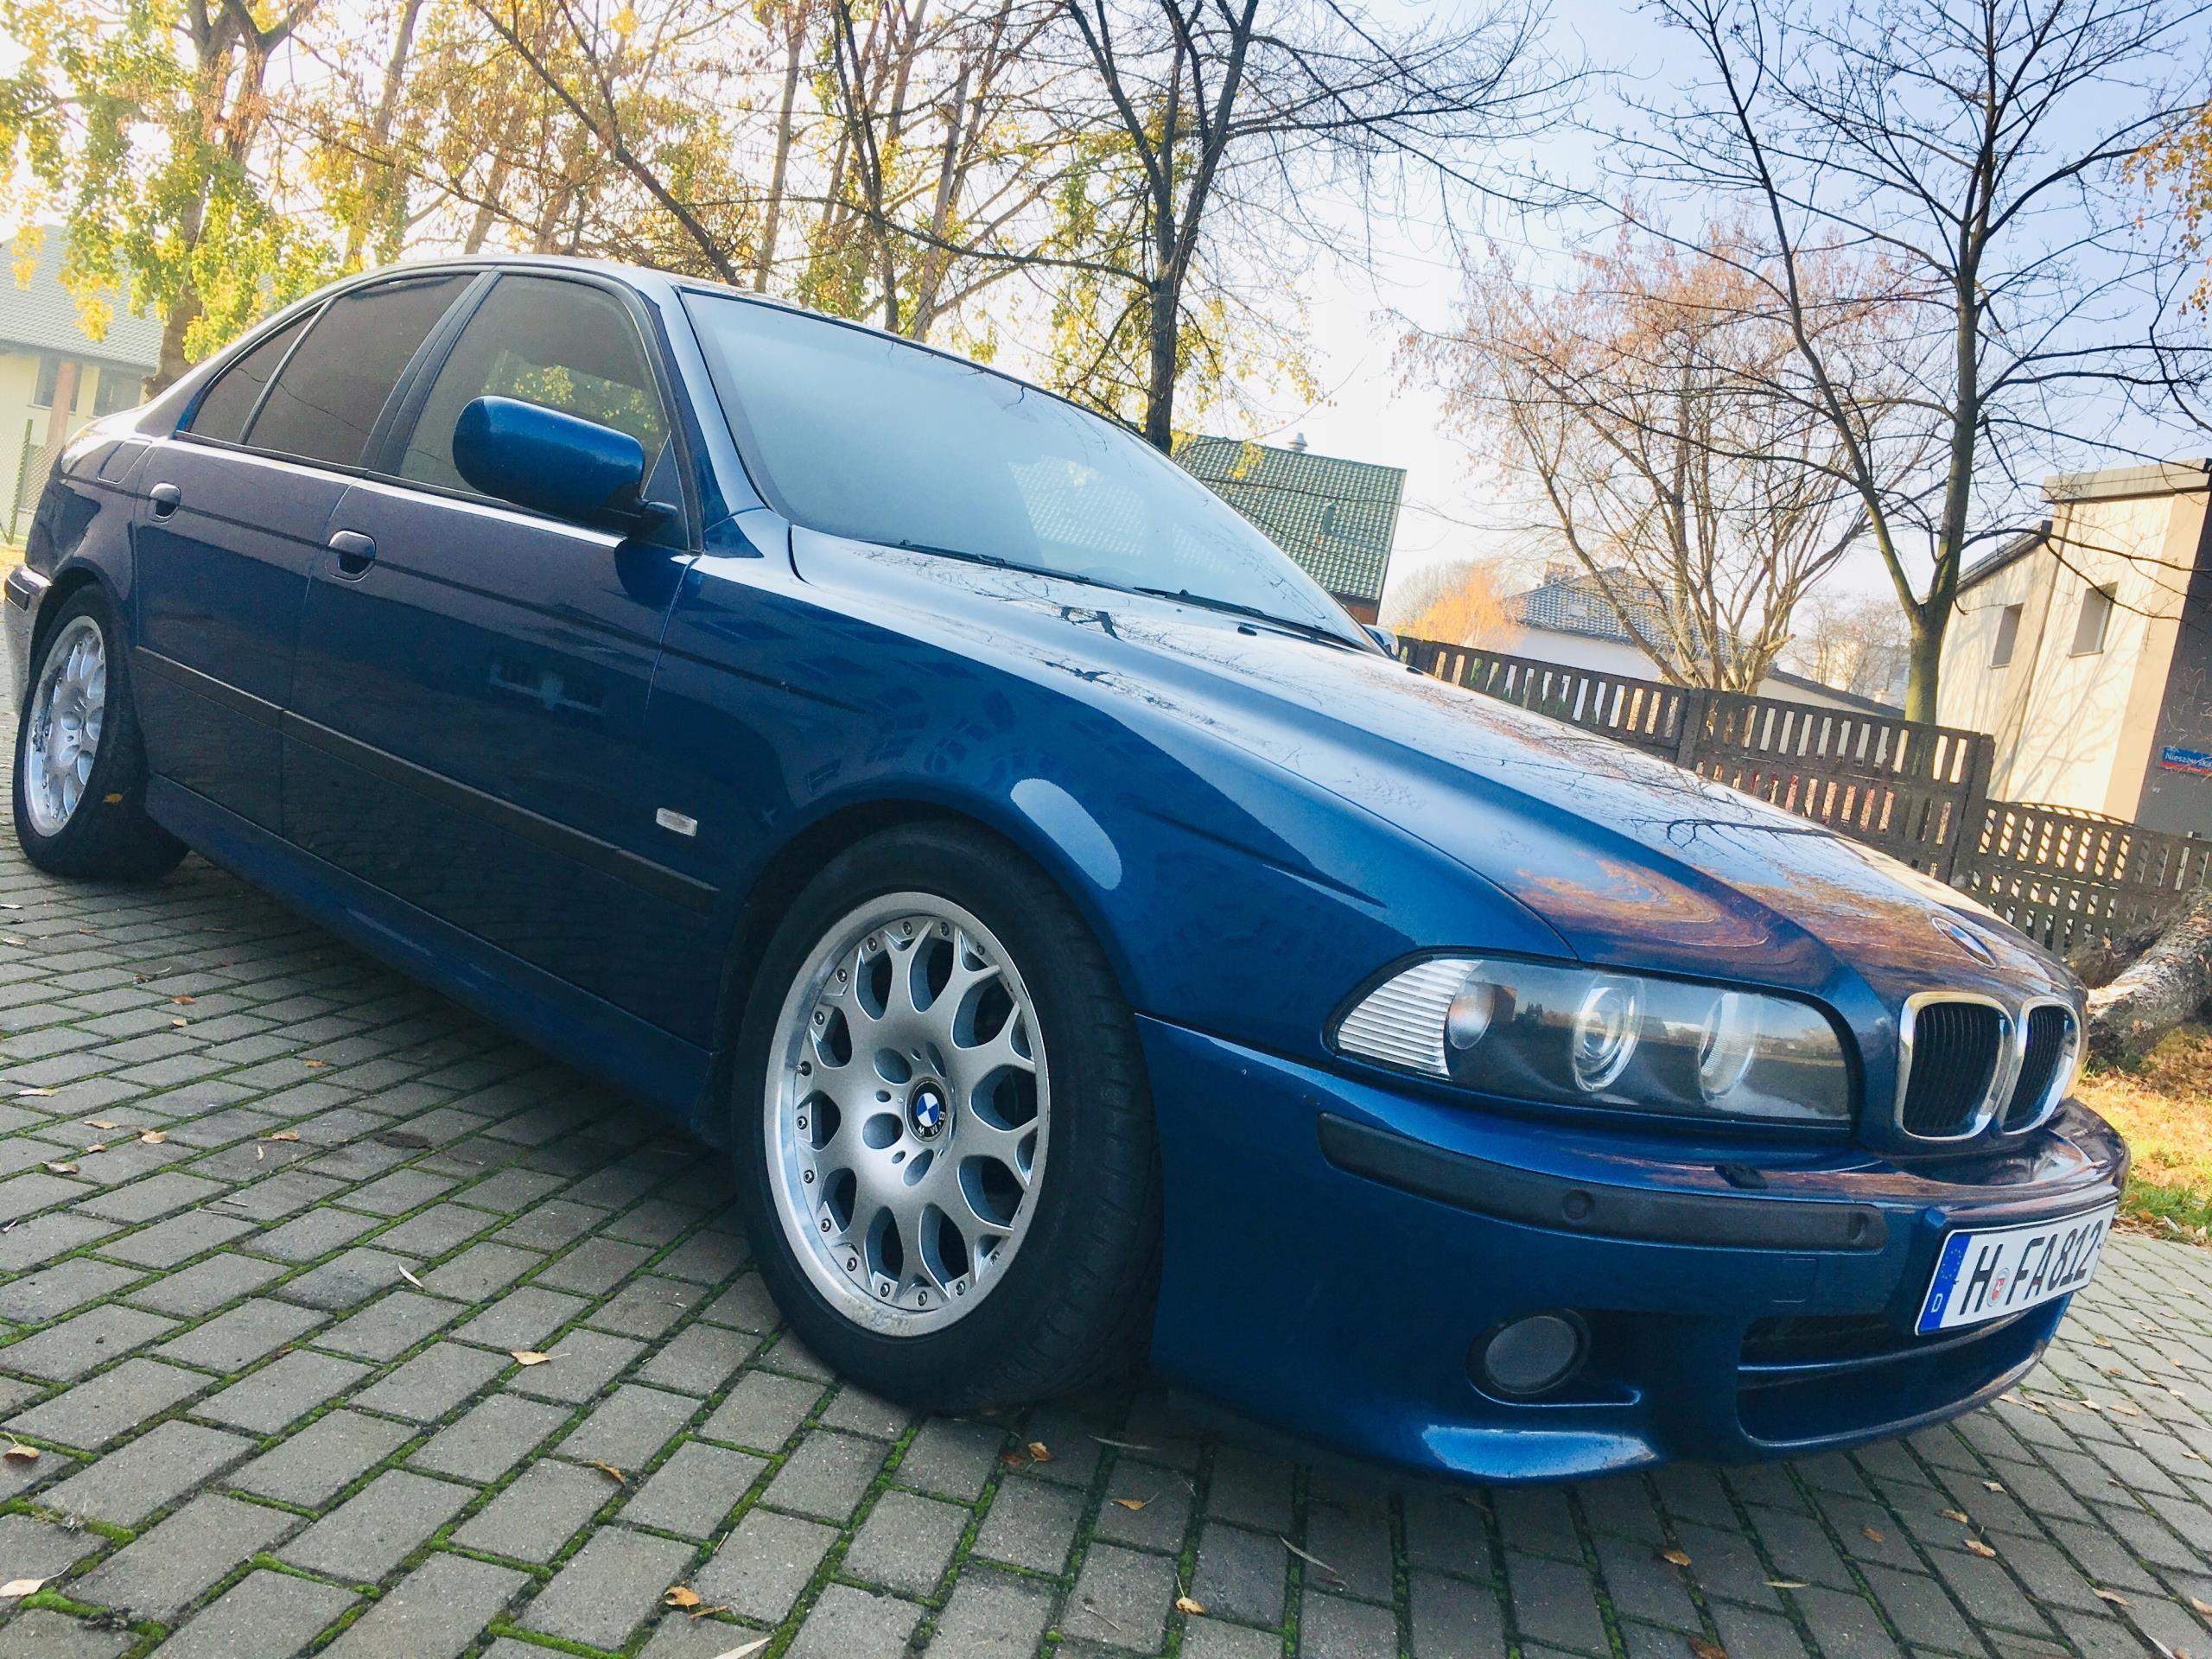 Niesamowite BMW e39 530i M-pakiet Gwint OKAZJA CENA !!! - Opinie i ceny na WD64